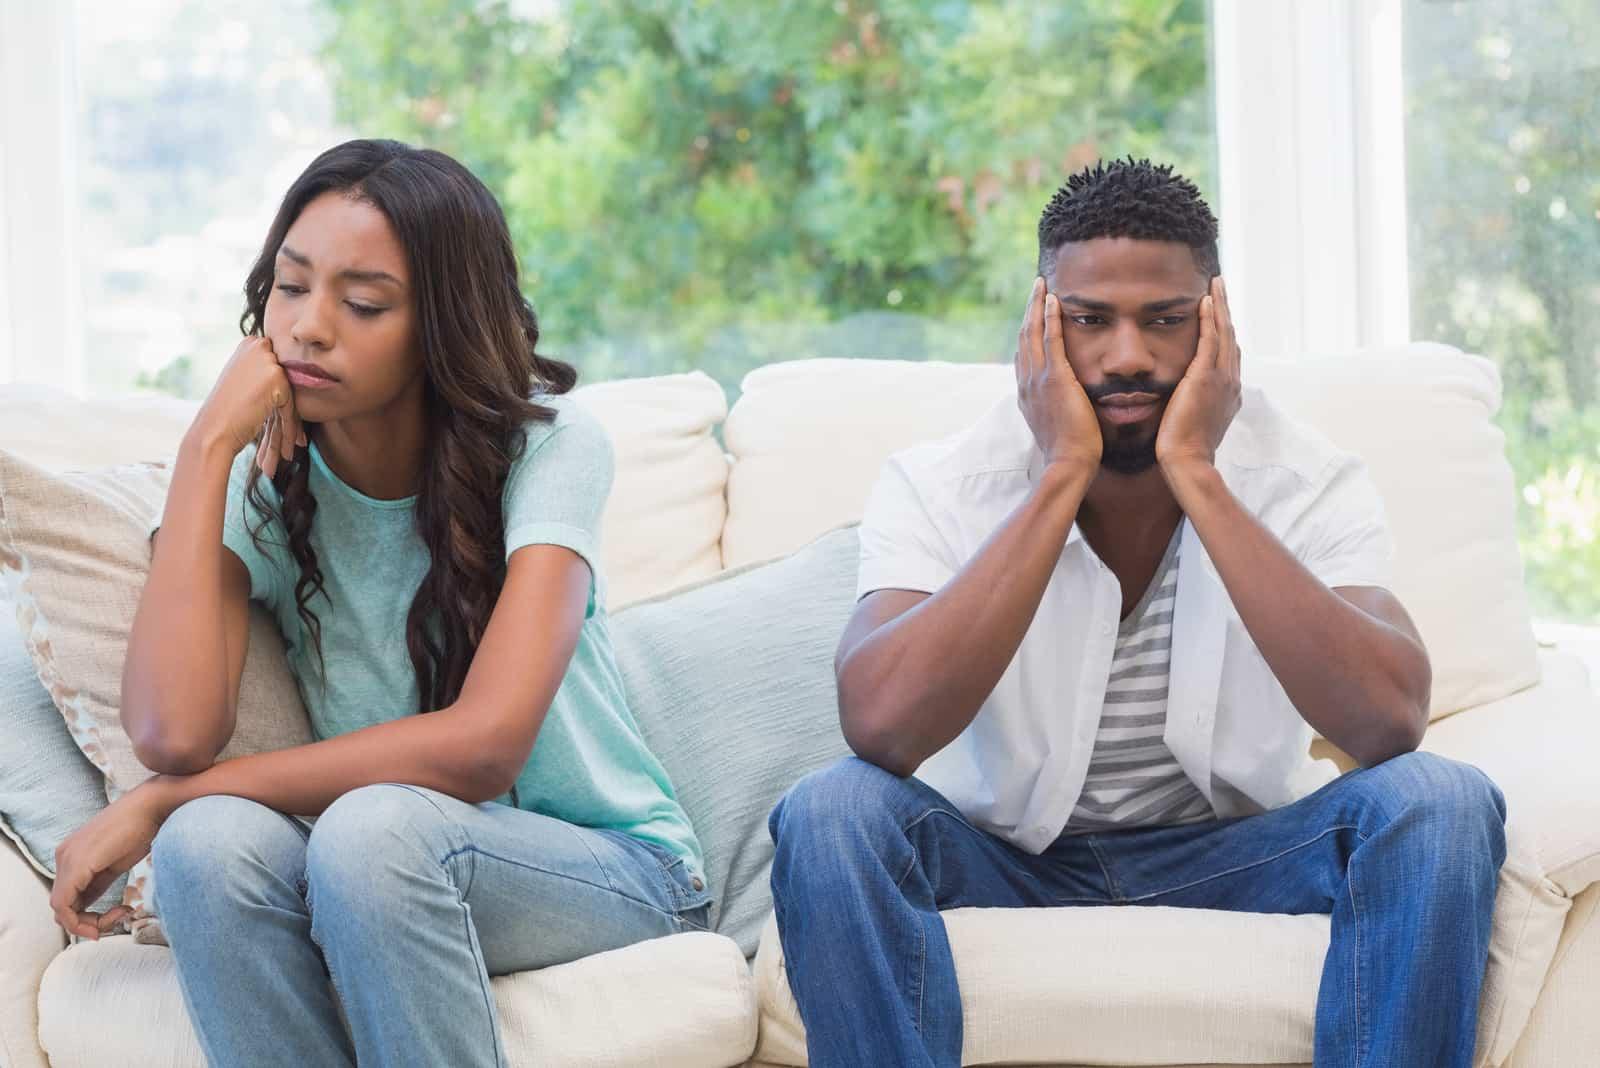 homme triste en chemise blanche et femme assise sur un sofa